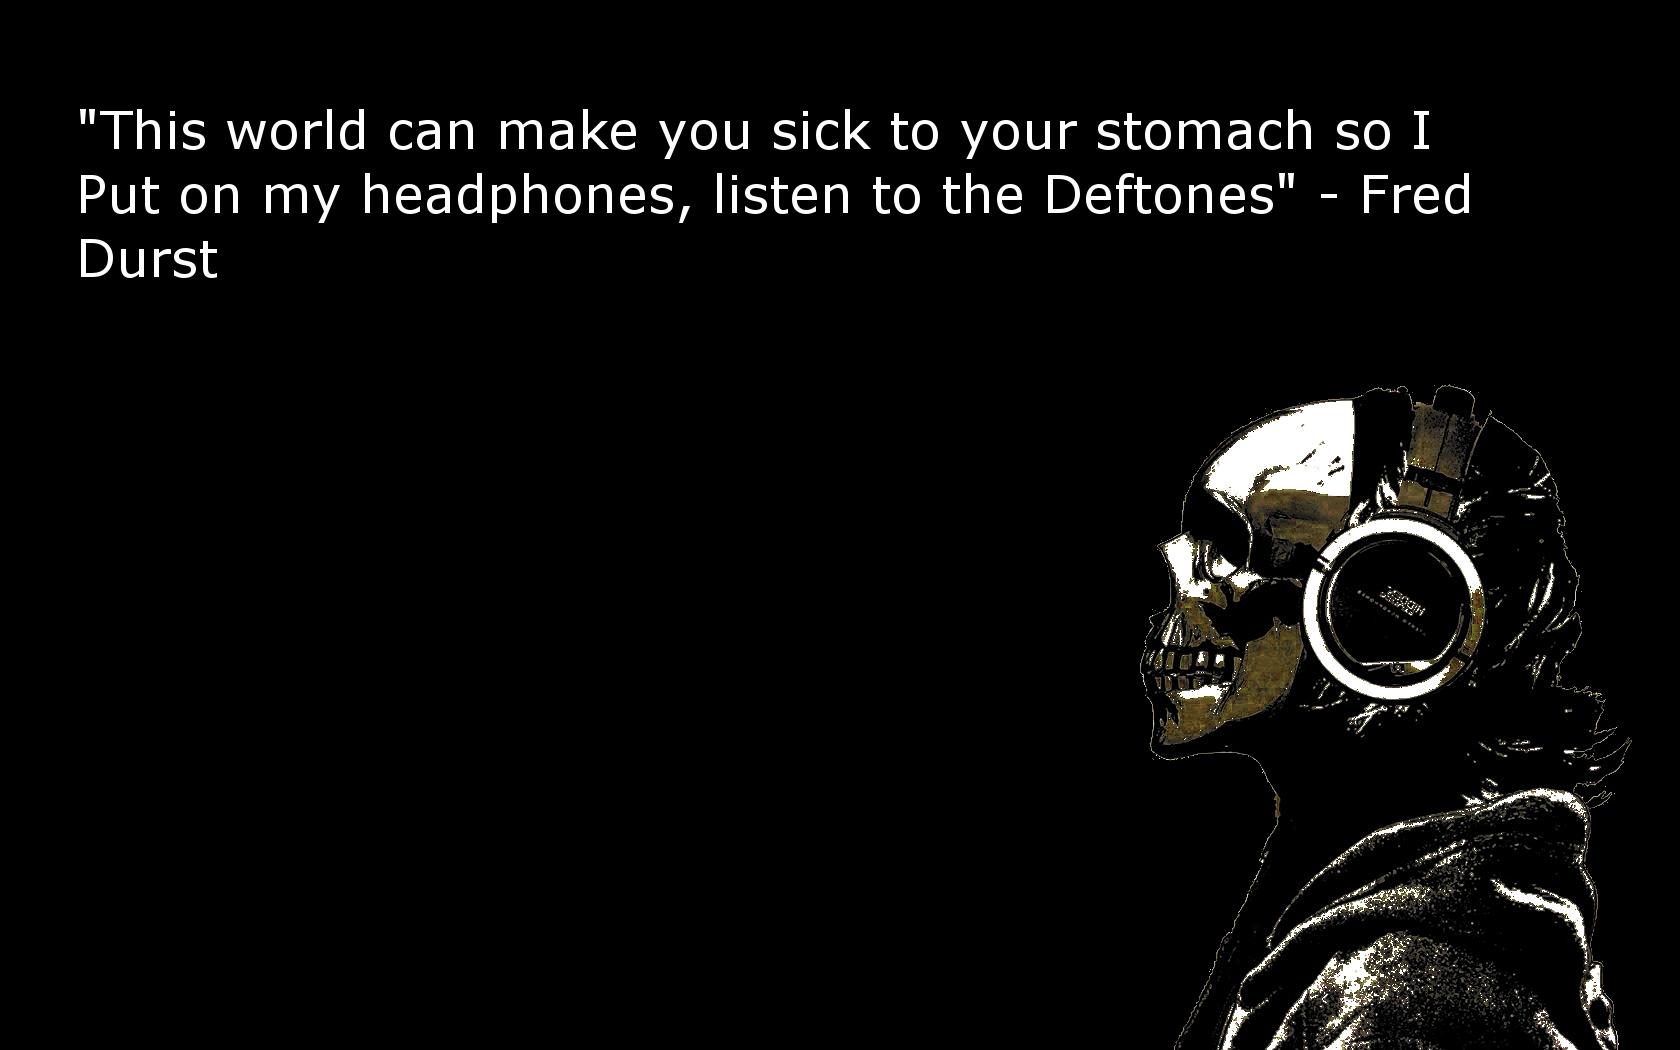 headphones quotes deftones fred durst HD Wallpaper   General 870203 1680x1050